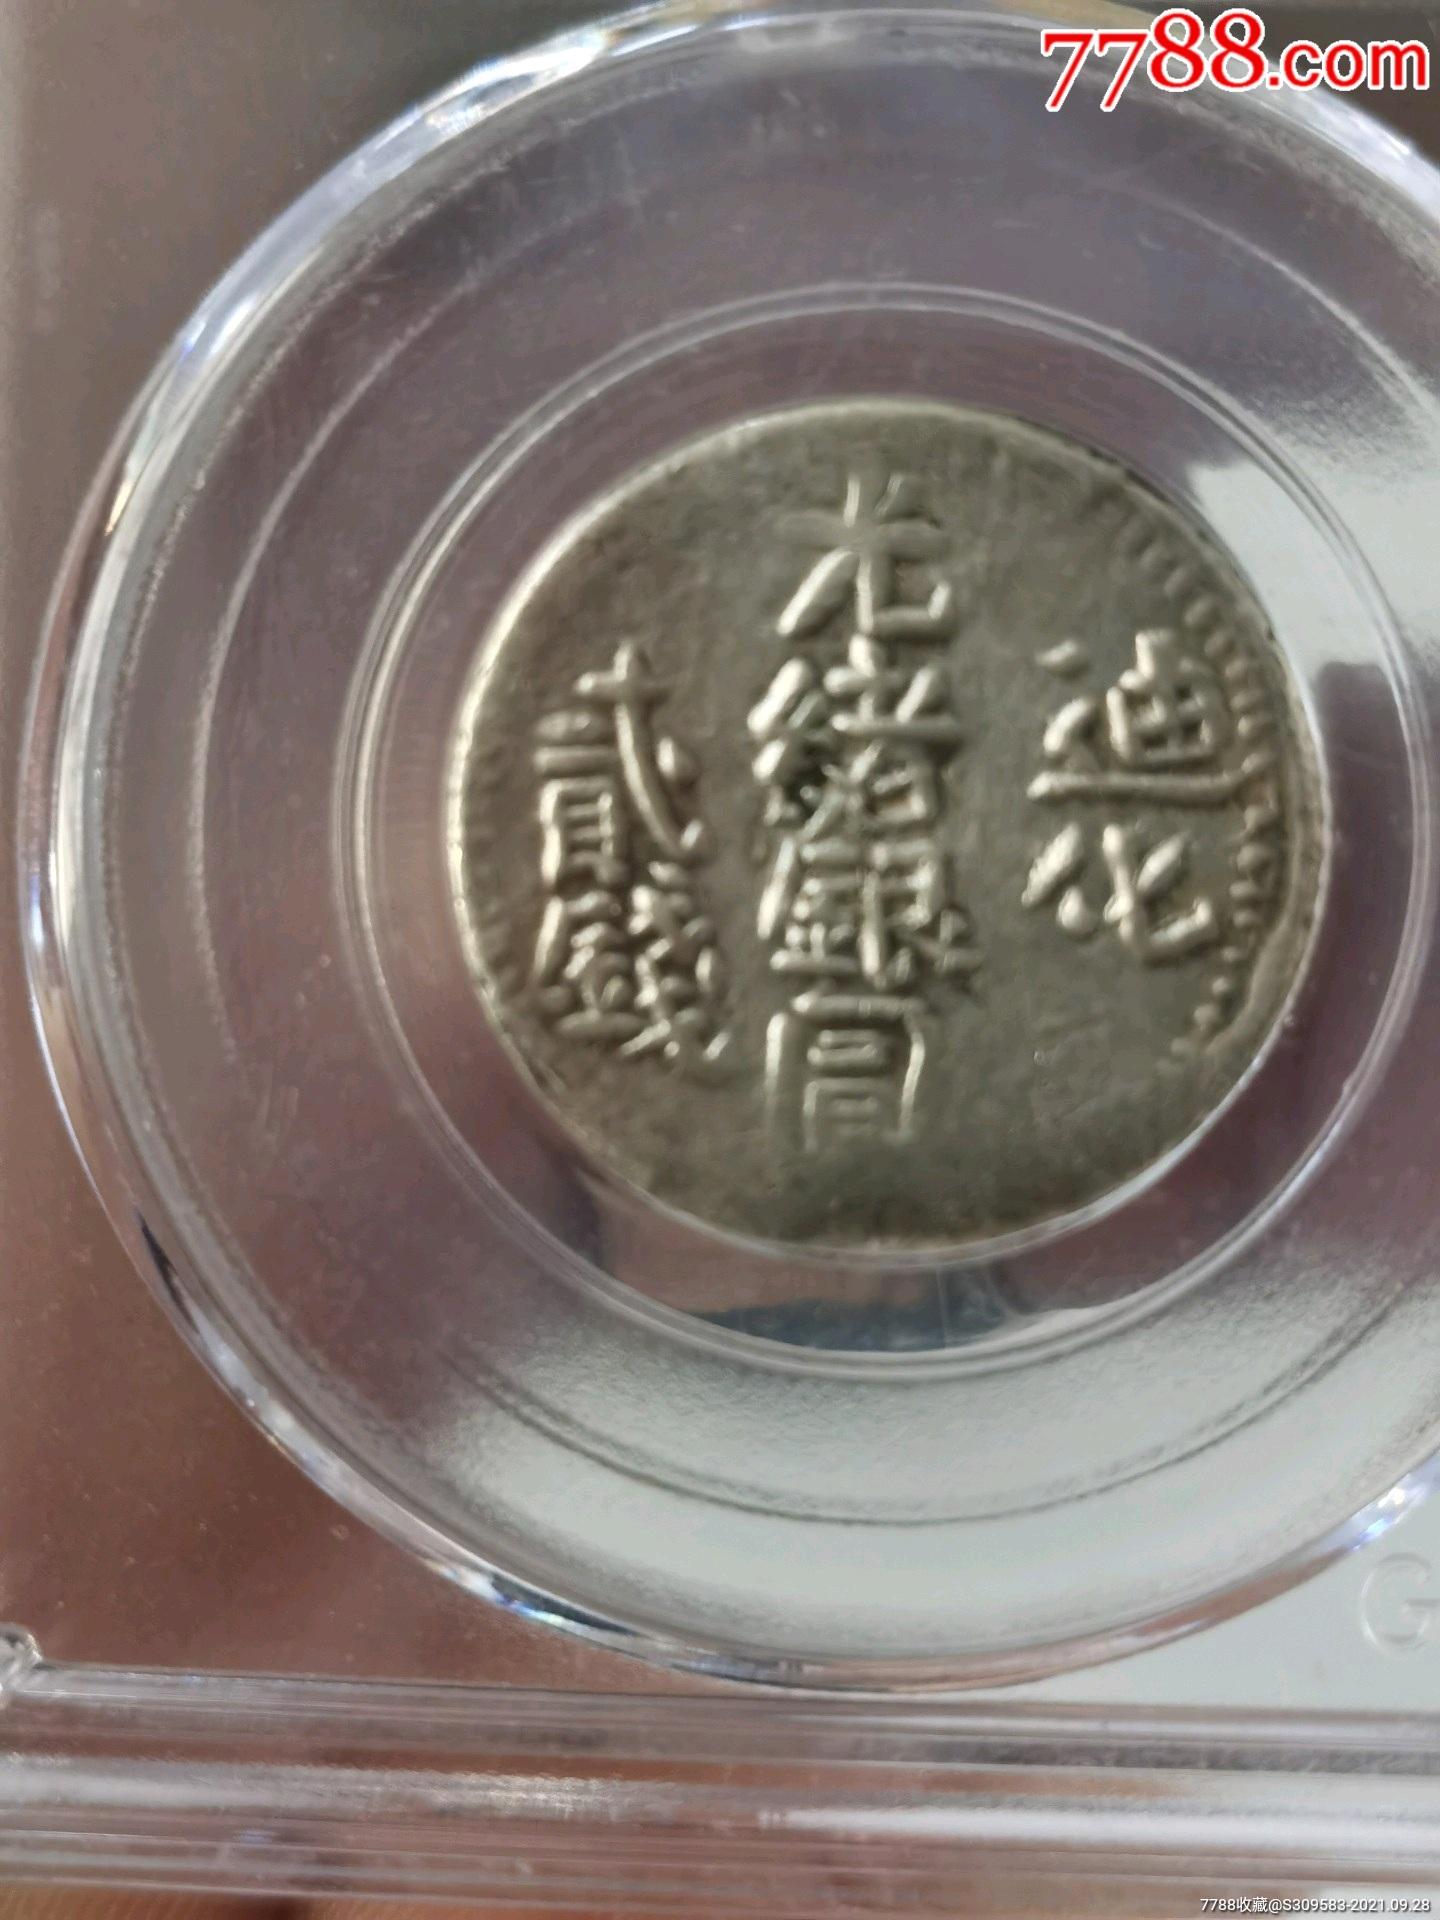 大清银币,新疆迪化_价格880元_第2张_7788收藏__收藏热线